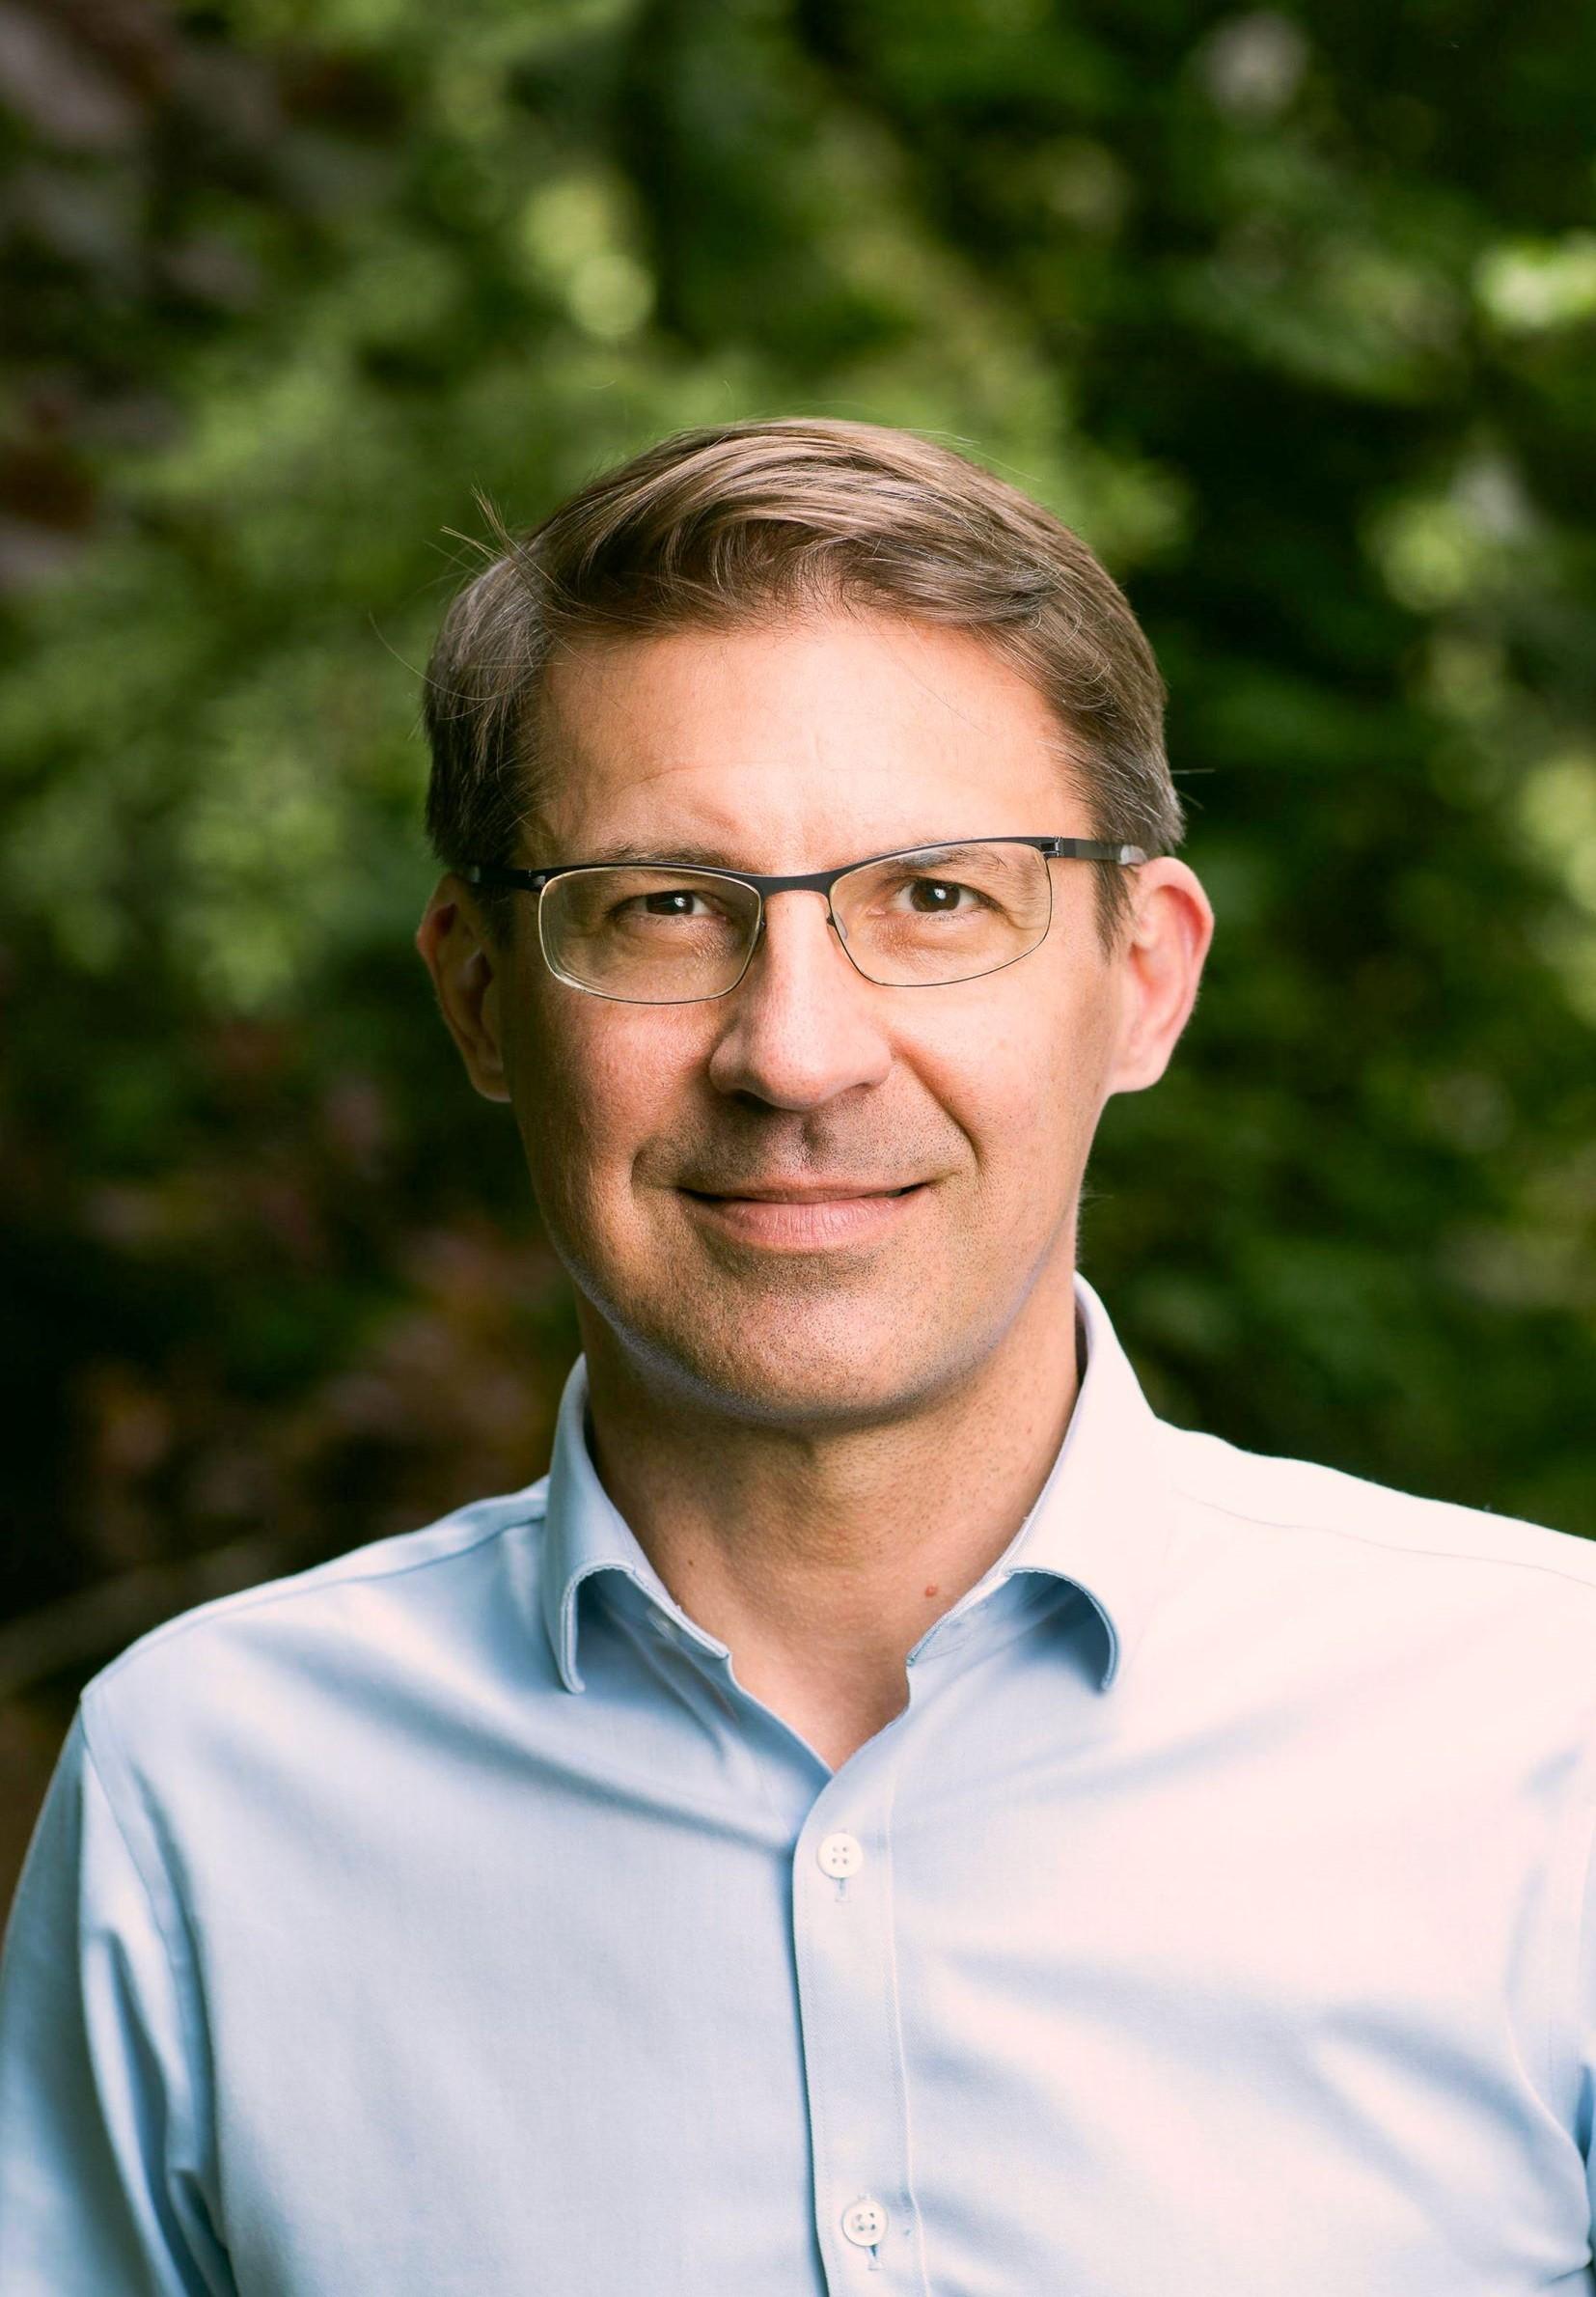 Mark Kotter | Co-founder & Scientific Advisor